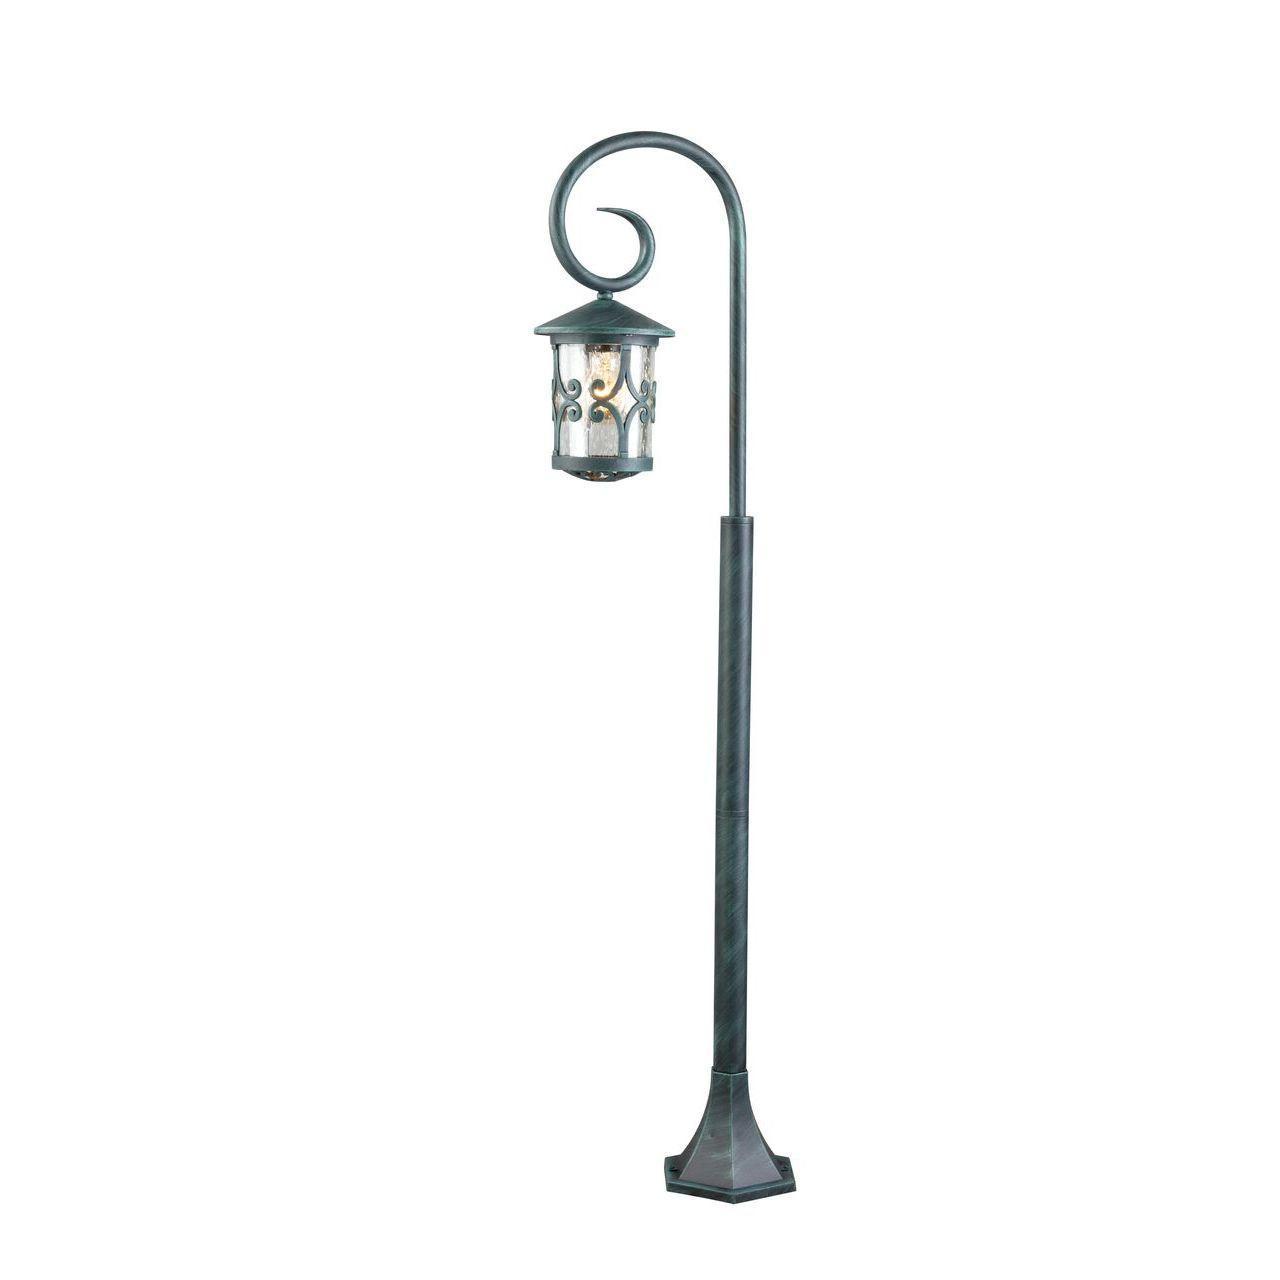 Уличный светильник Arte Lamp Persia A1456PA-1BG уличный светильник arte lamp persia a1456pa 1bg